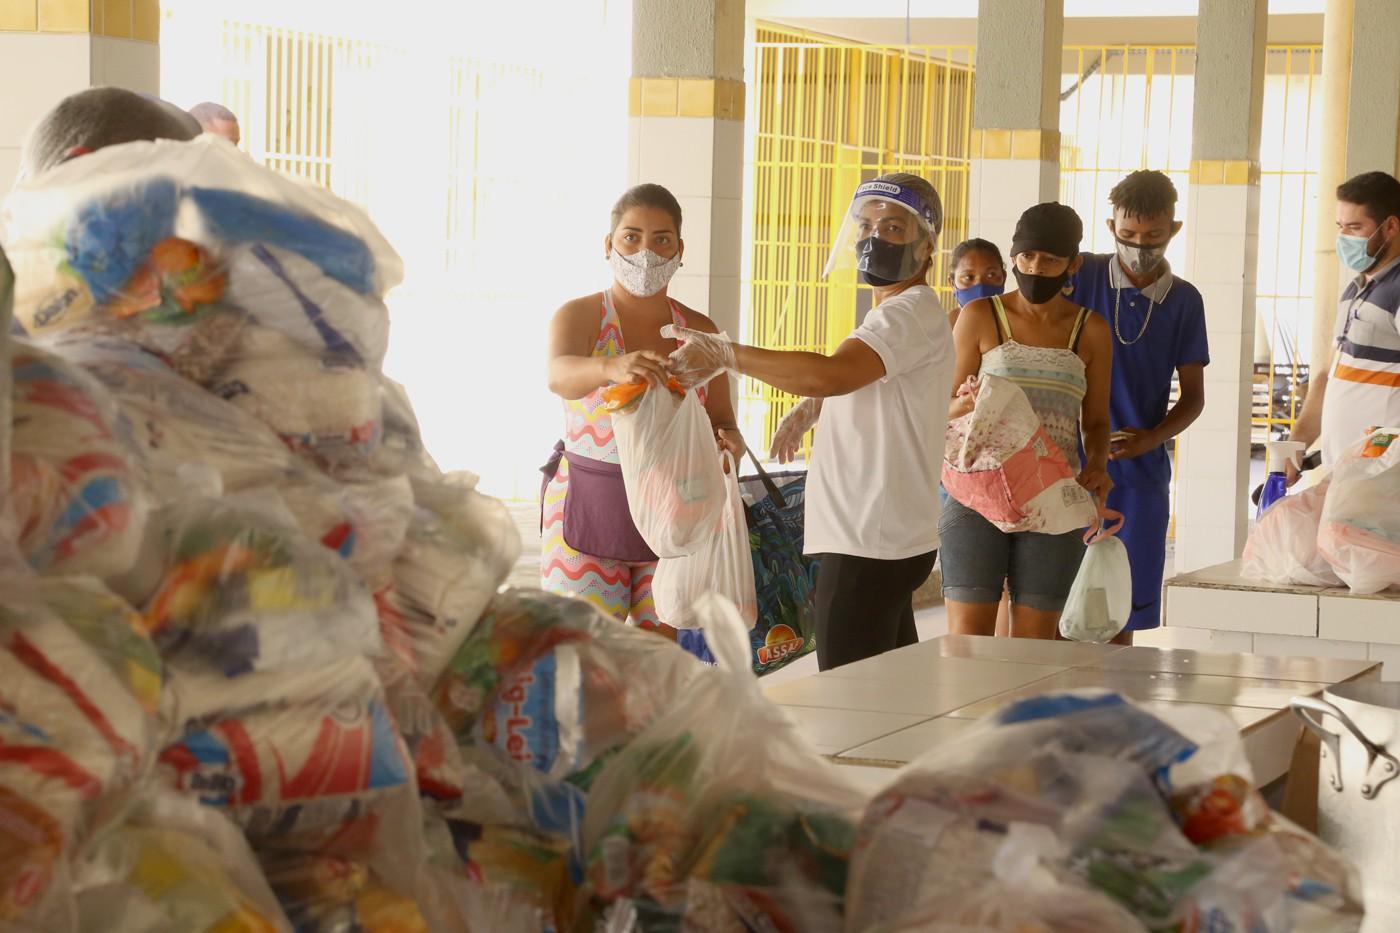 Prefeitura continua entrega dos kits de alimentação escolar nesta segunda, 12